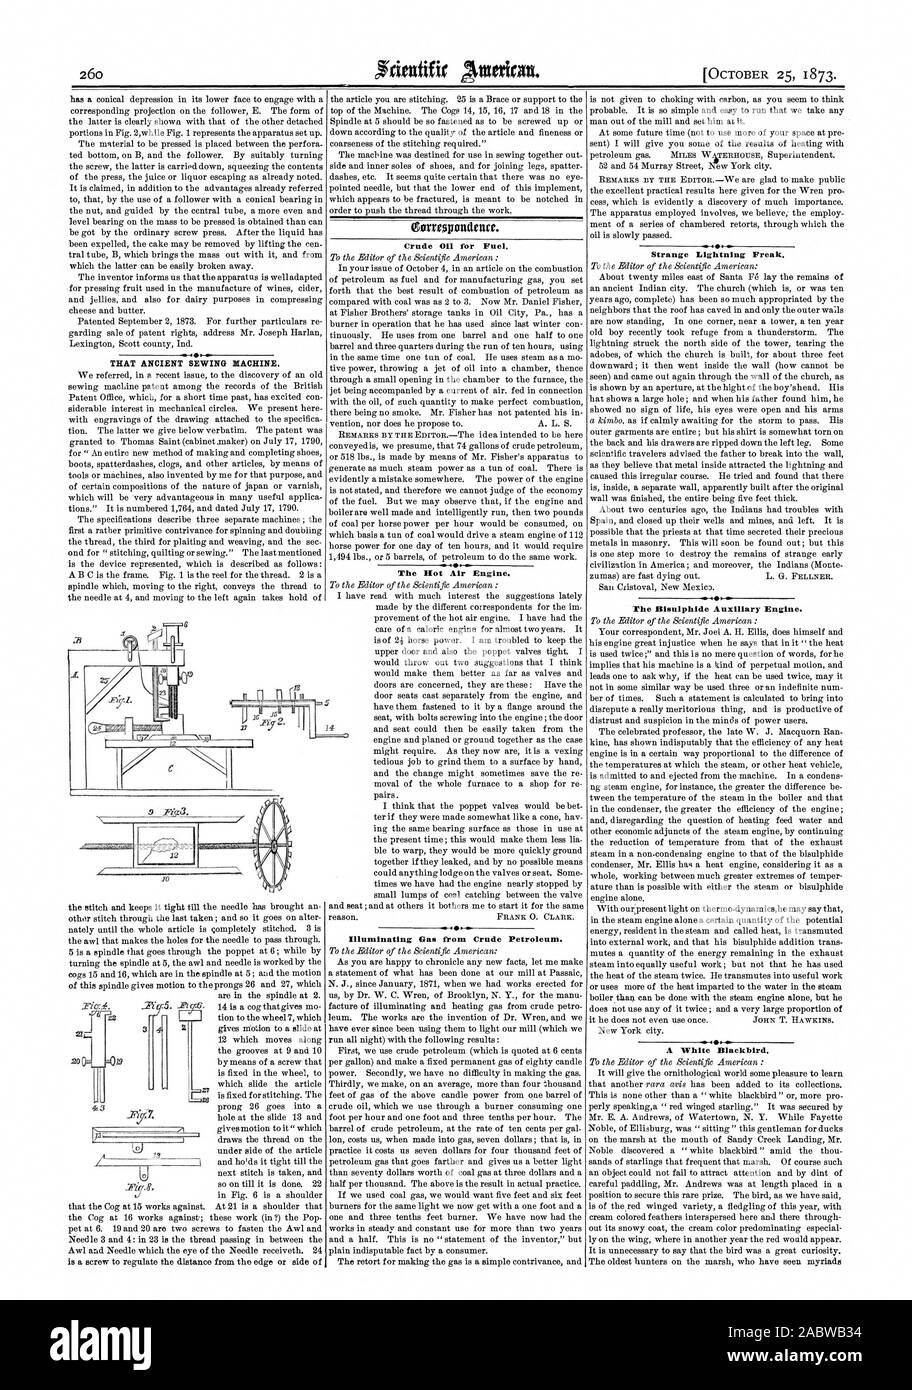 Die alte Nähmaschine. Rohöl 0 für Kraftstoff. Die heiße Luft Motor. Seltsame Lightning Freak. 4.--44 s Der Bisulphide Hilfsmotor. Eine weiße Amsel. 17, Scientific American, 1873-10-25 Stockfoto